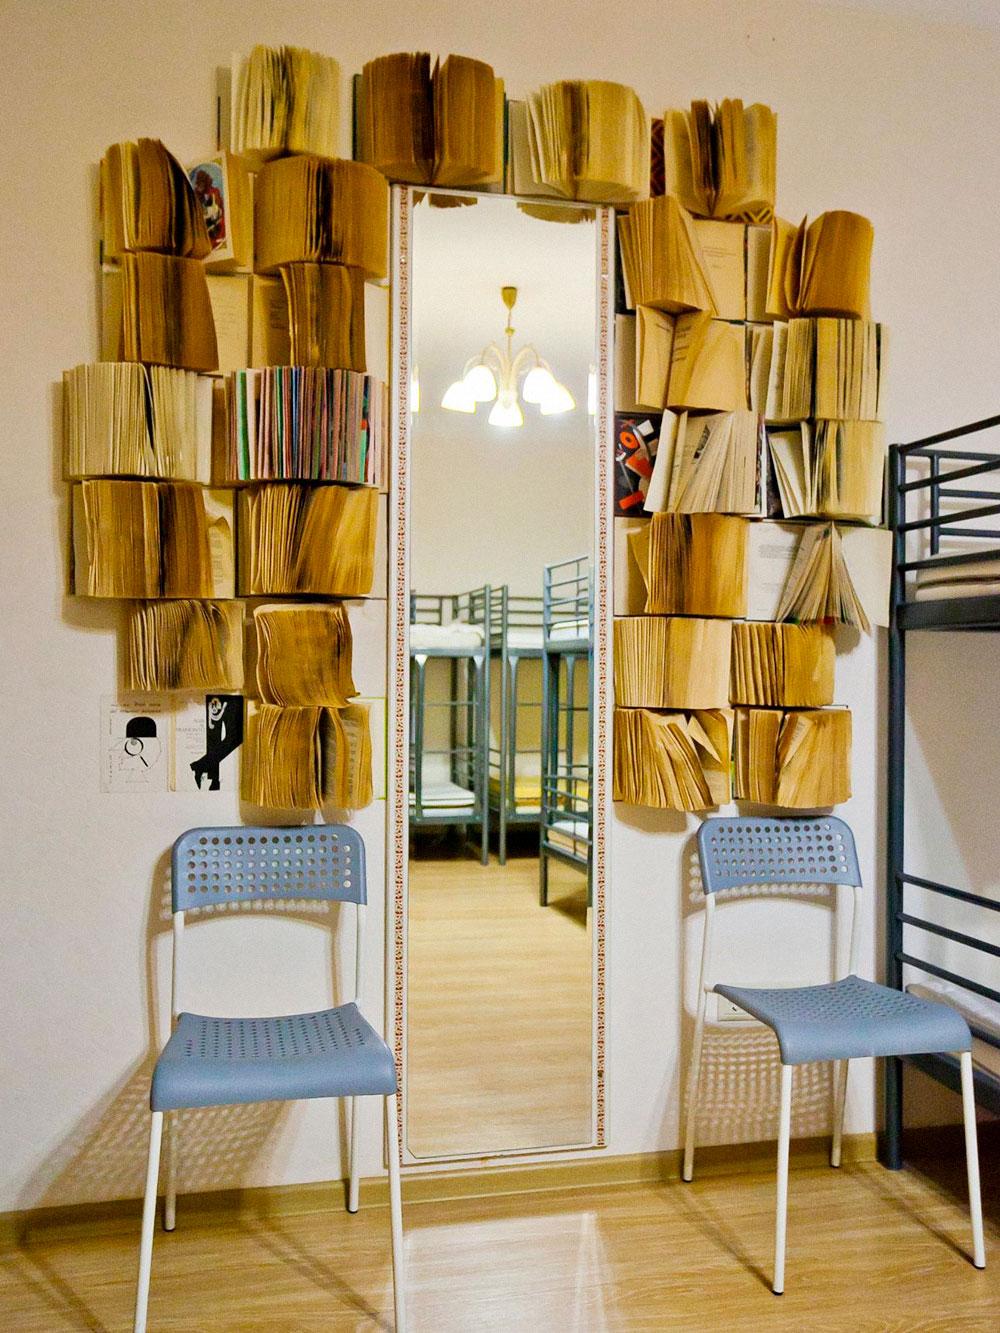 Из ненужных домашних книг Денис собрал простенькую библиотеку в несколько десятков книг. Книги есть в комнатах и просто в коридоре на полках. Гости довольно часто их читают